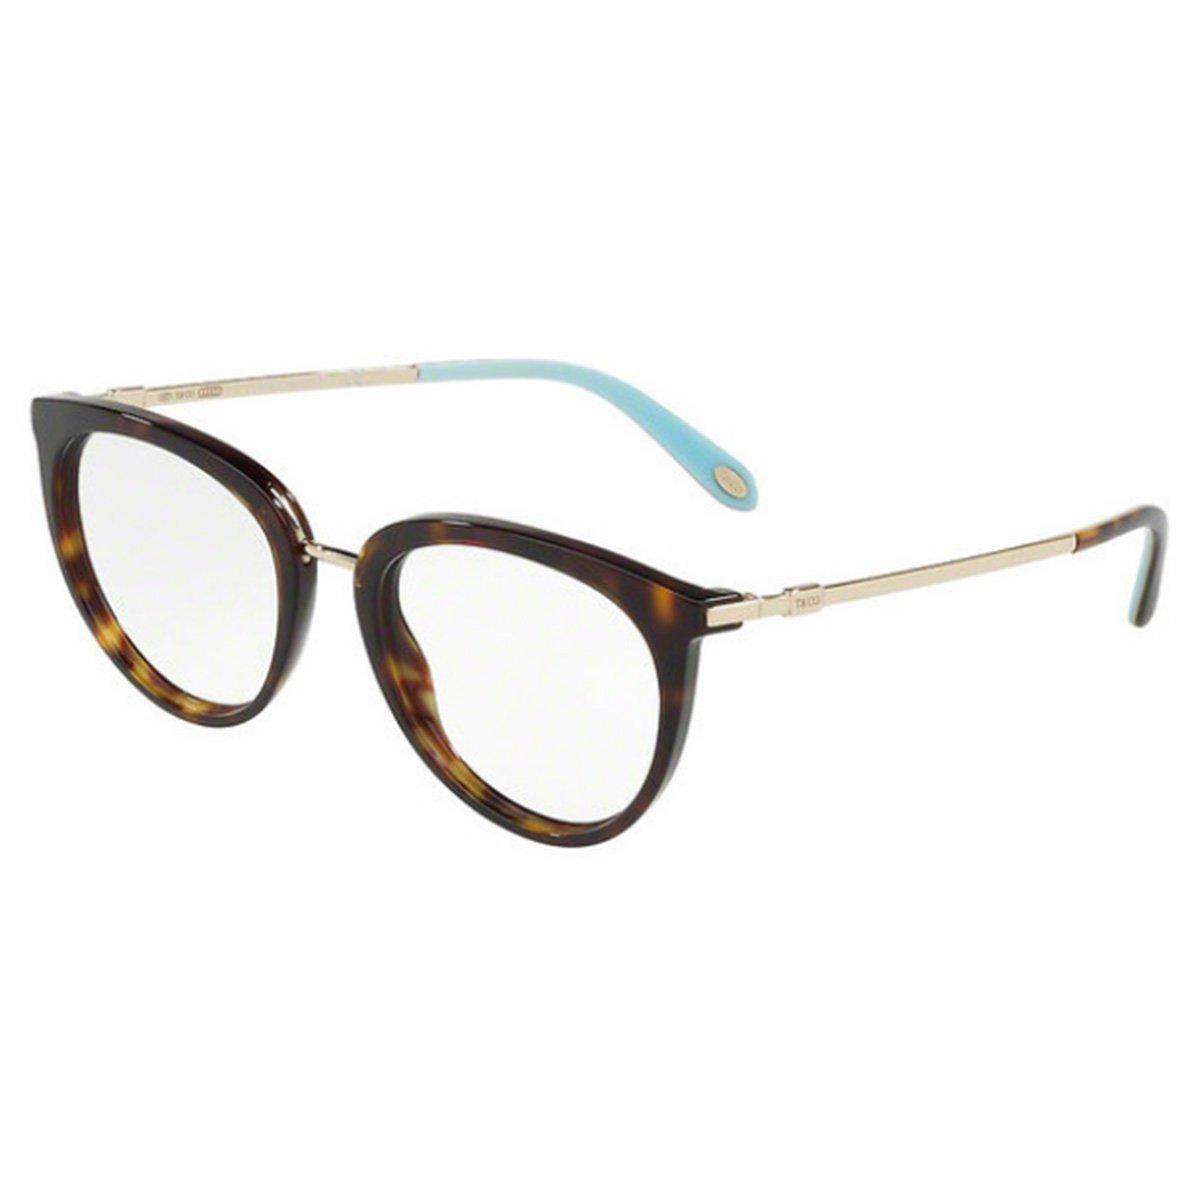 51703290c472f Compre Óculos de Grau Tiffany   Co. em 10X